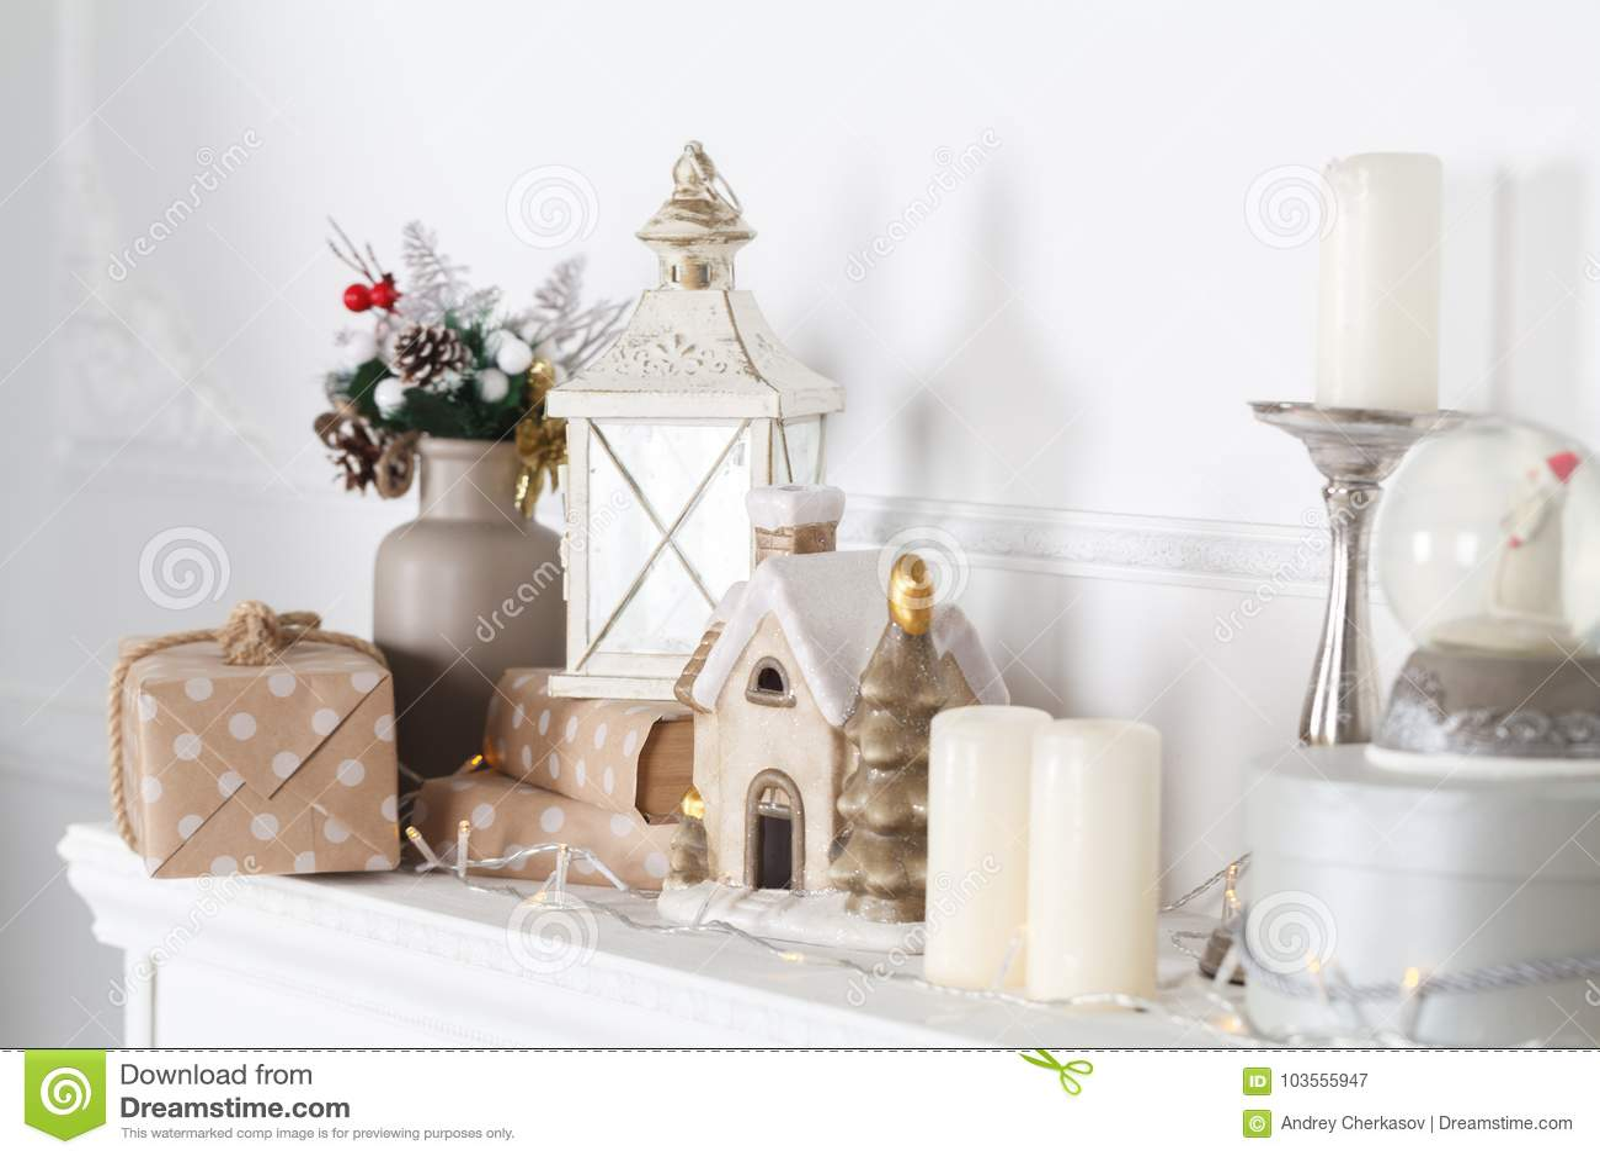 Kaminumhang wird für Weihnachten mit Girlande, Lichtern, einem Bogen und anderen Dekorationen verziert